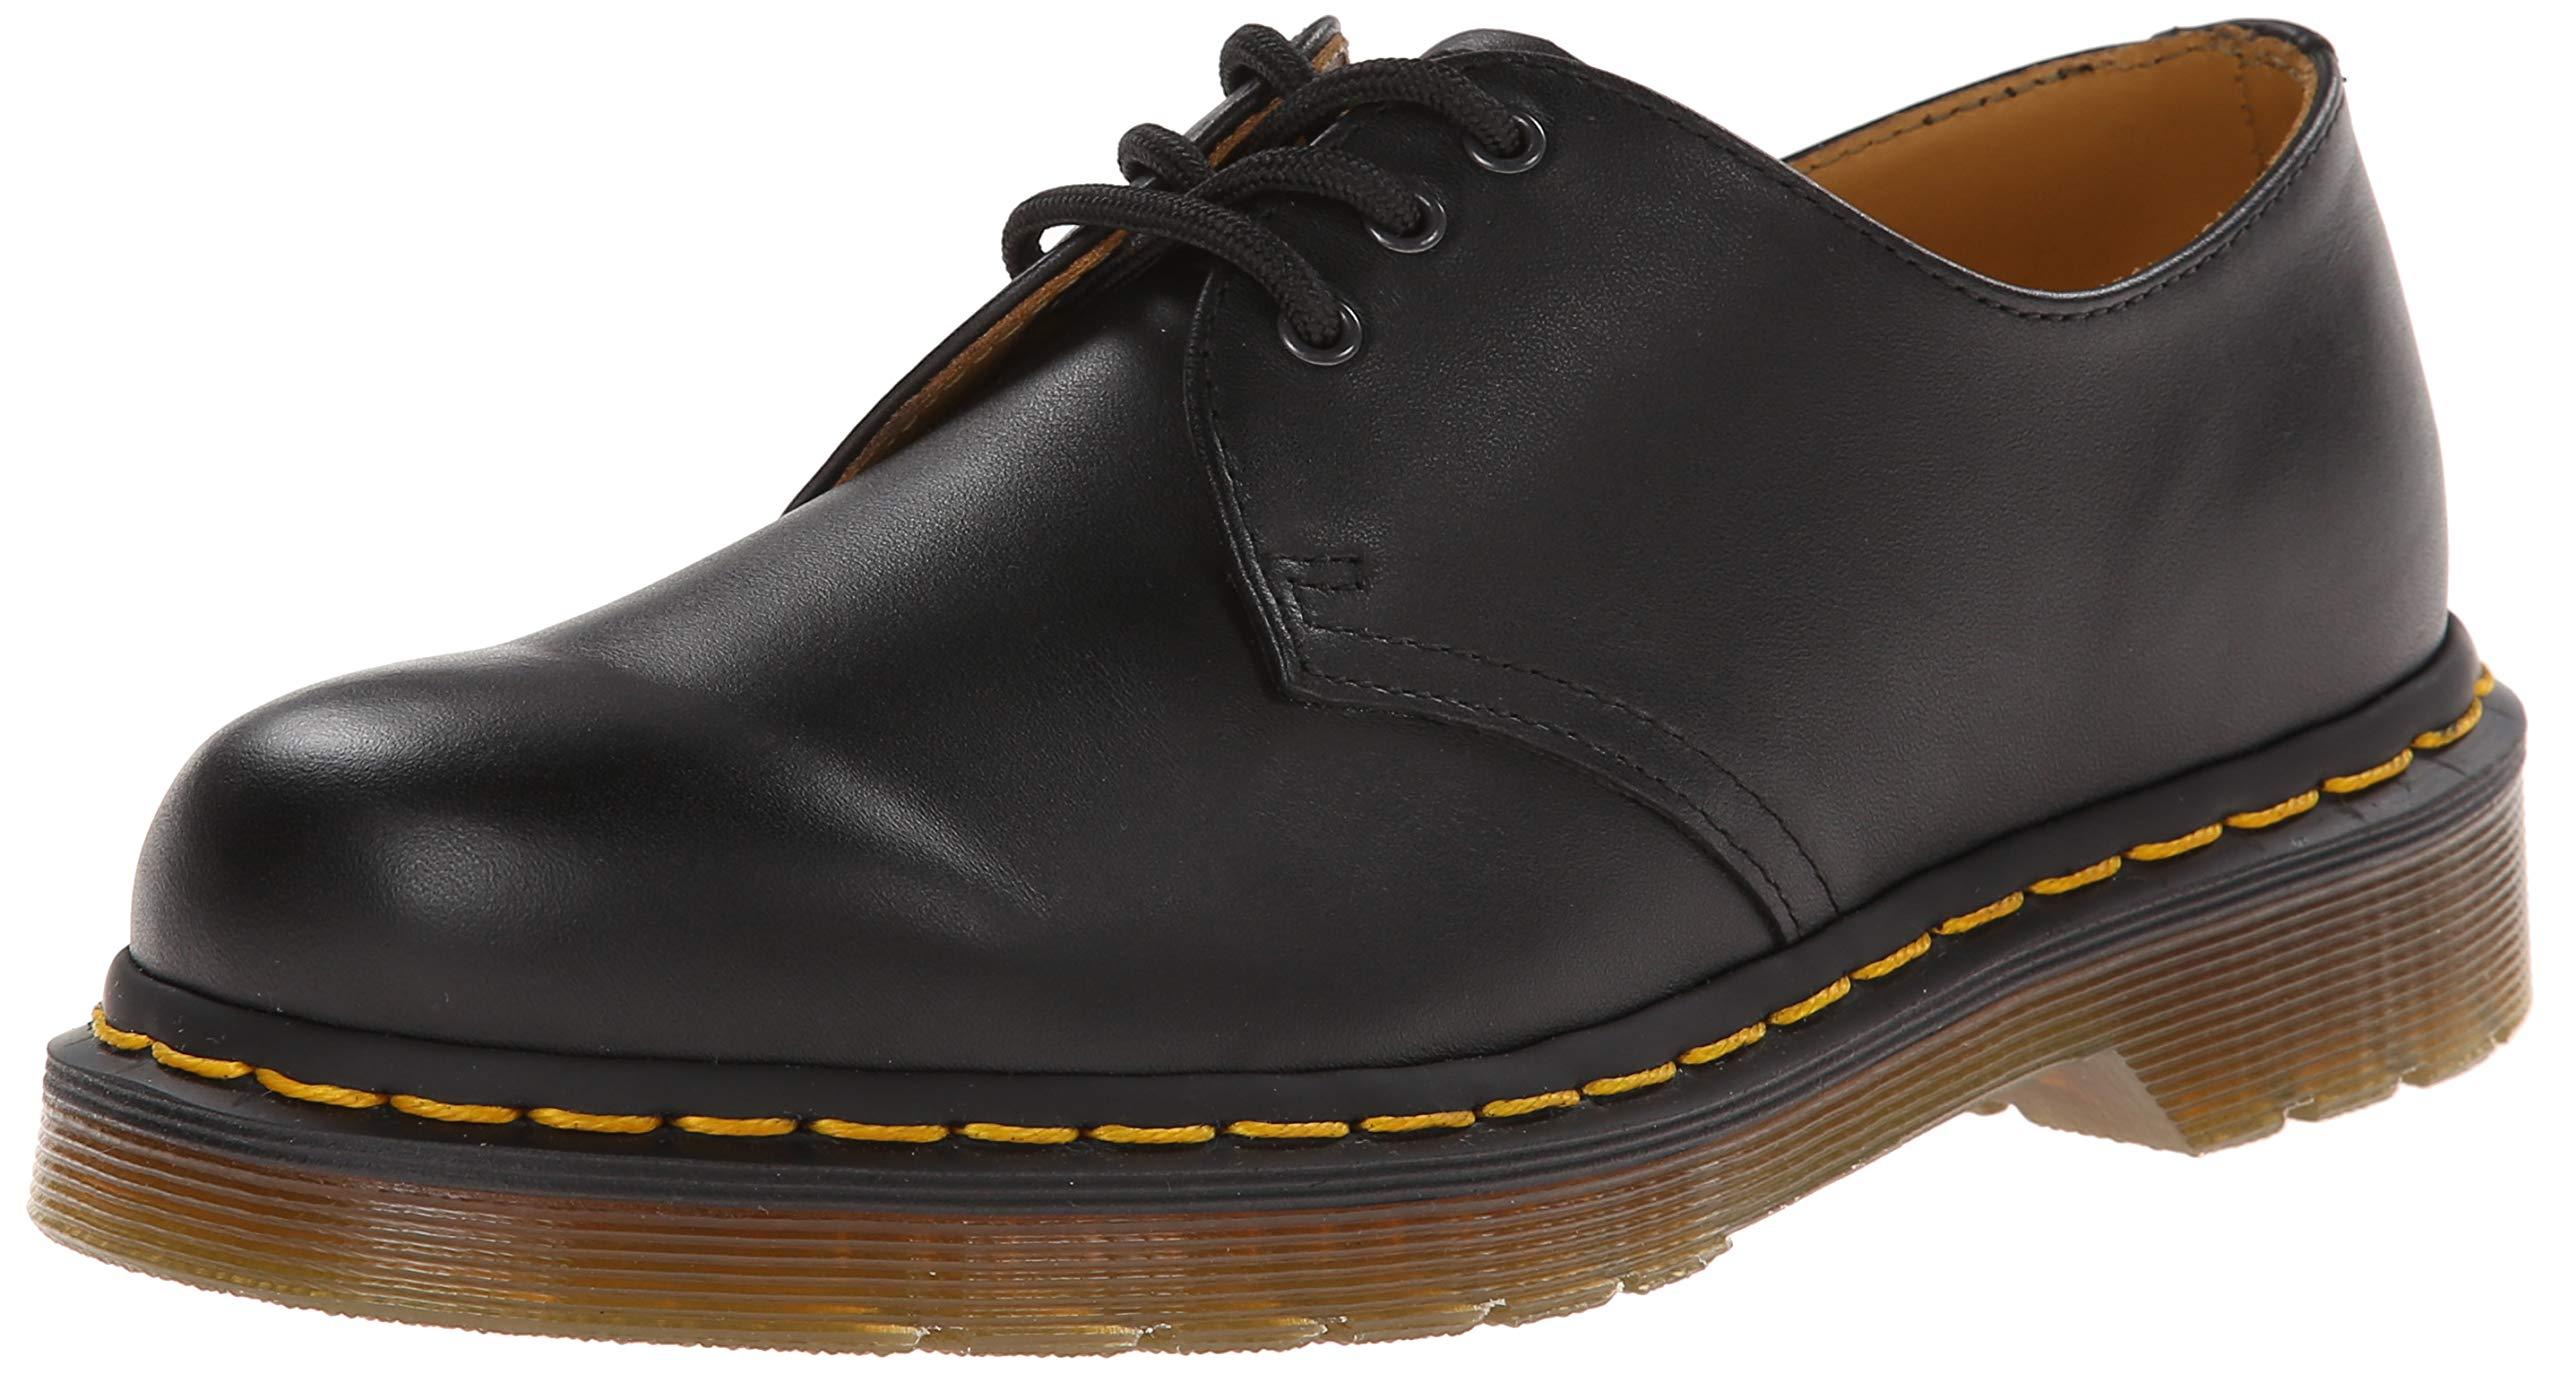 9bf88b276a Mejor valorados en Zapatos para hombre   Opiniones útiles de ...